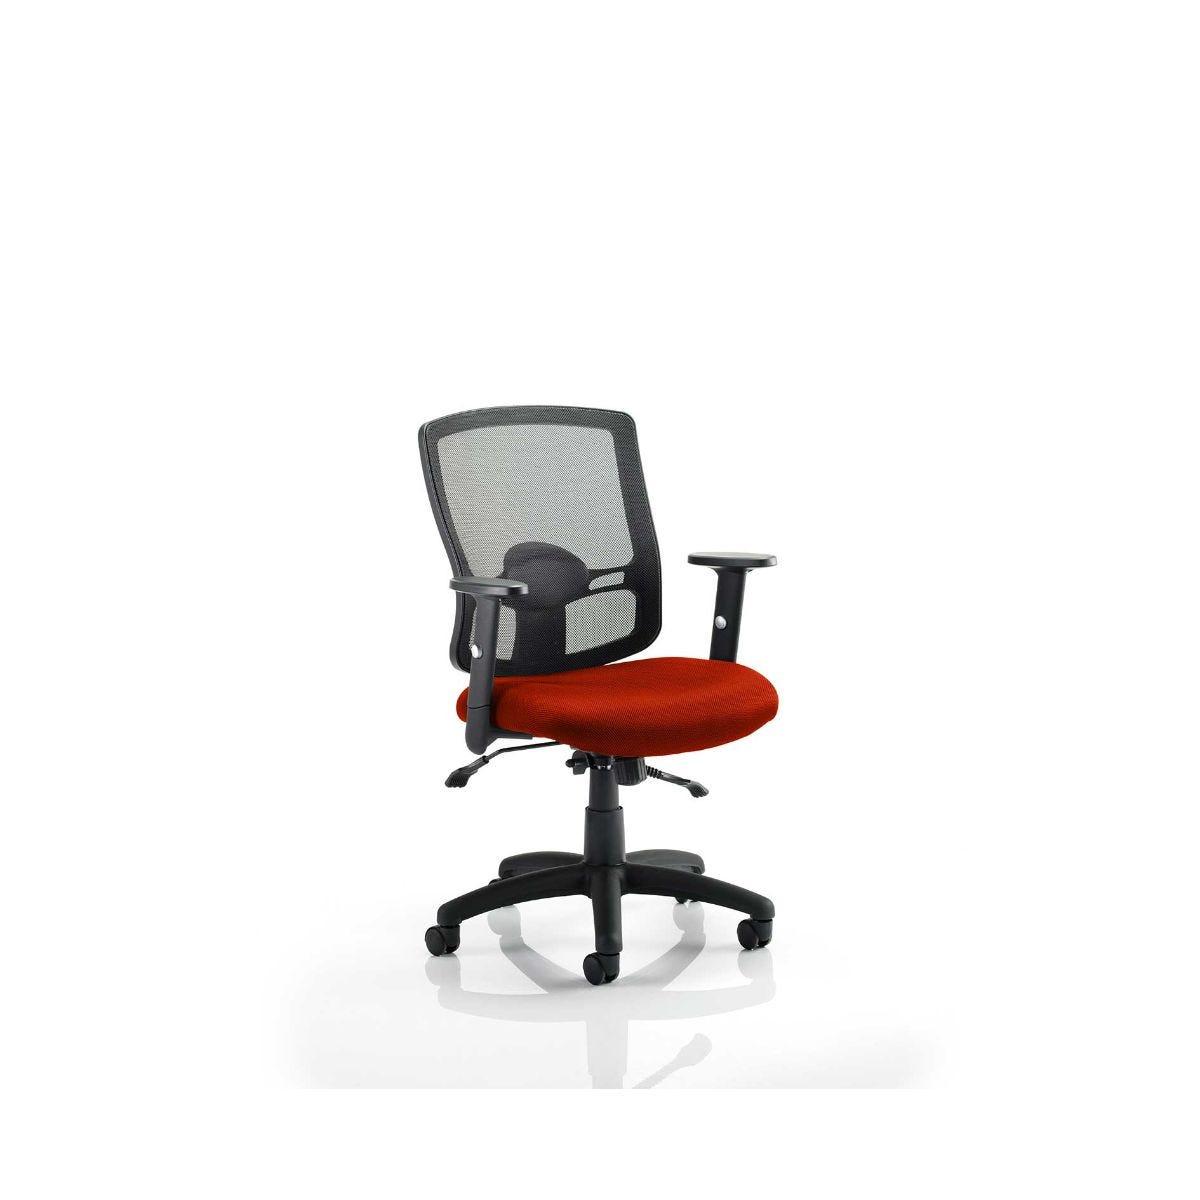 Portland Colour Office Chair, Tabasco